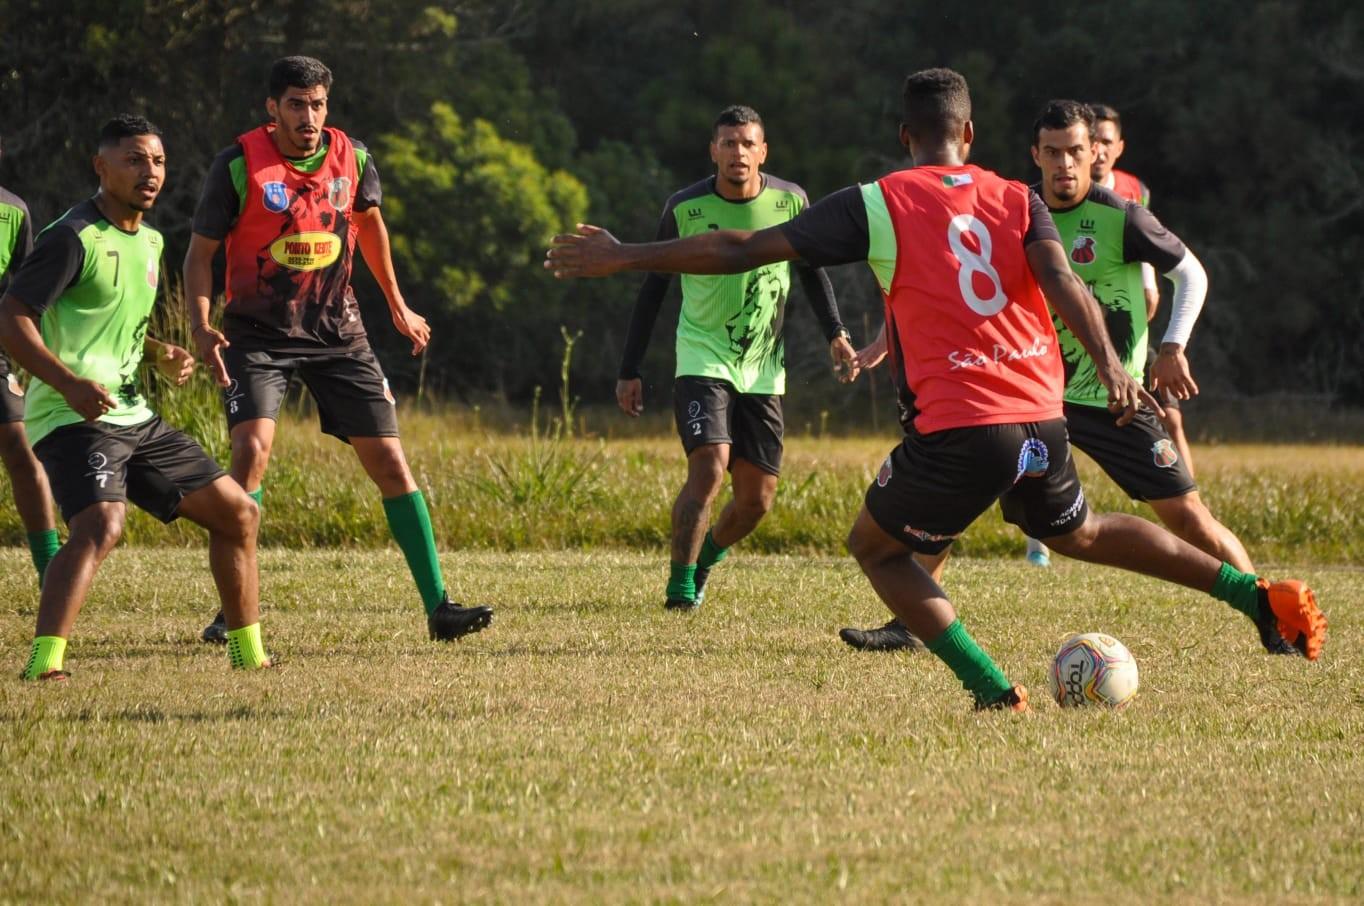 SC São Paulo dá início aos treinos com bola visando o Citadino e Divisão de Acesso de 2021